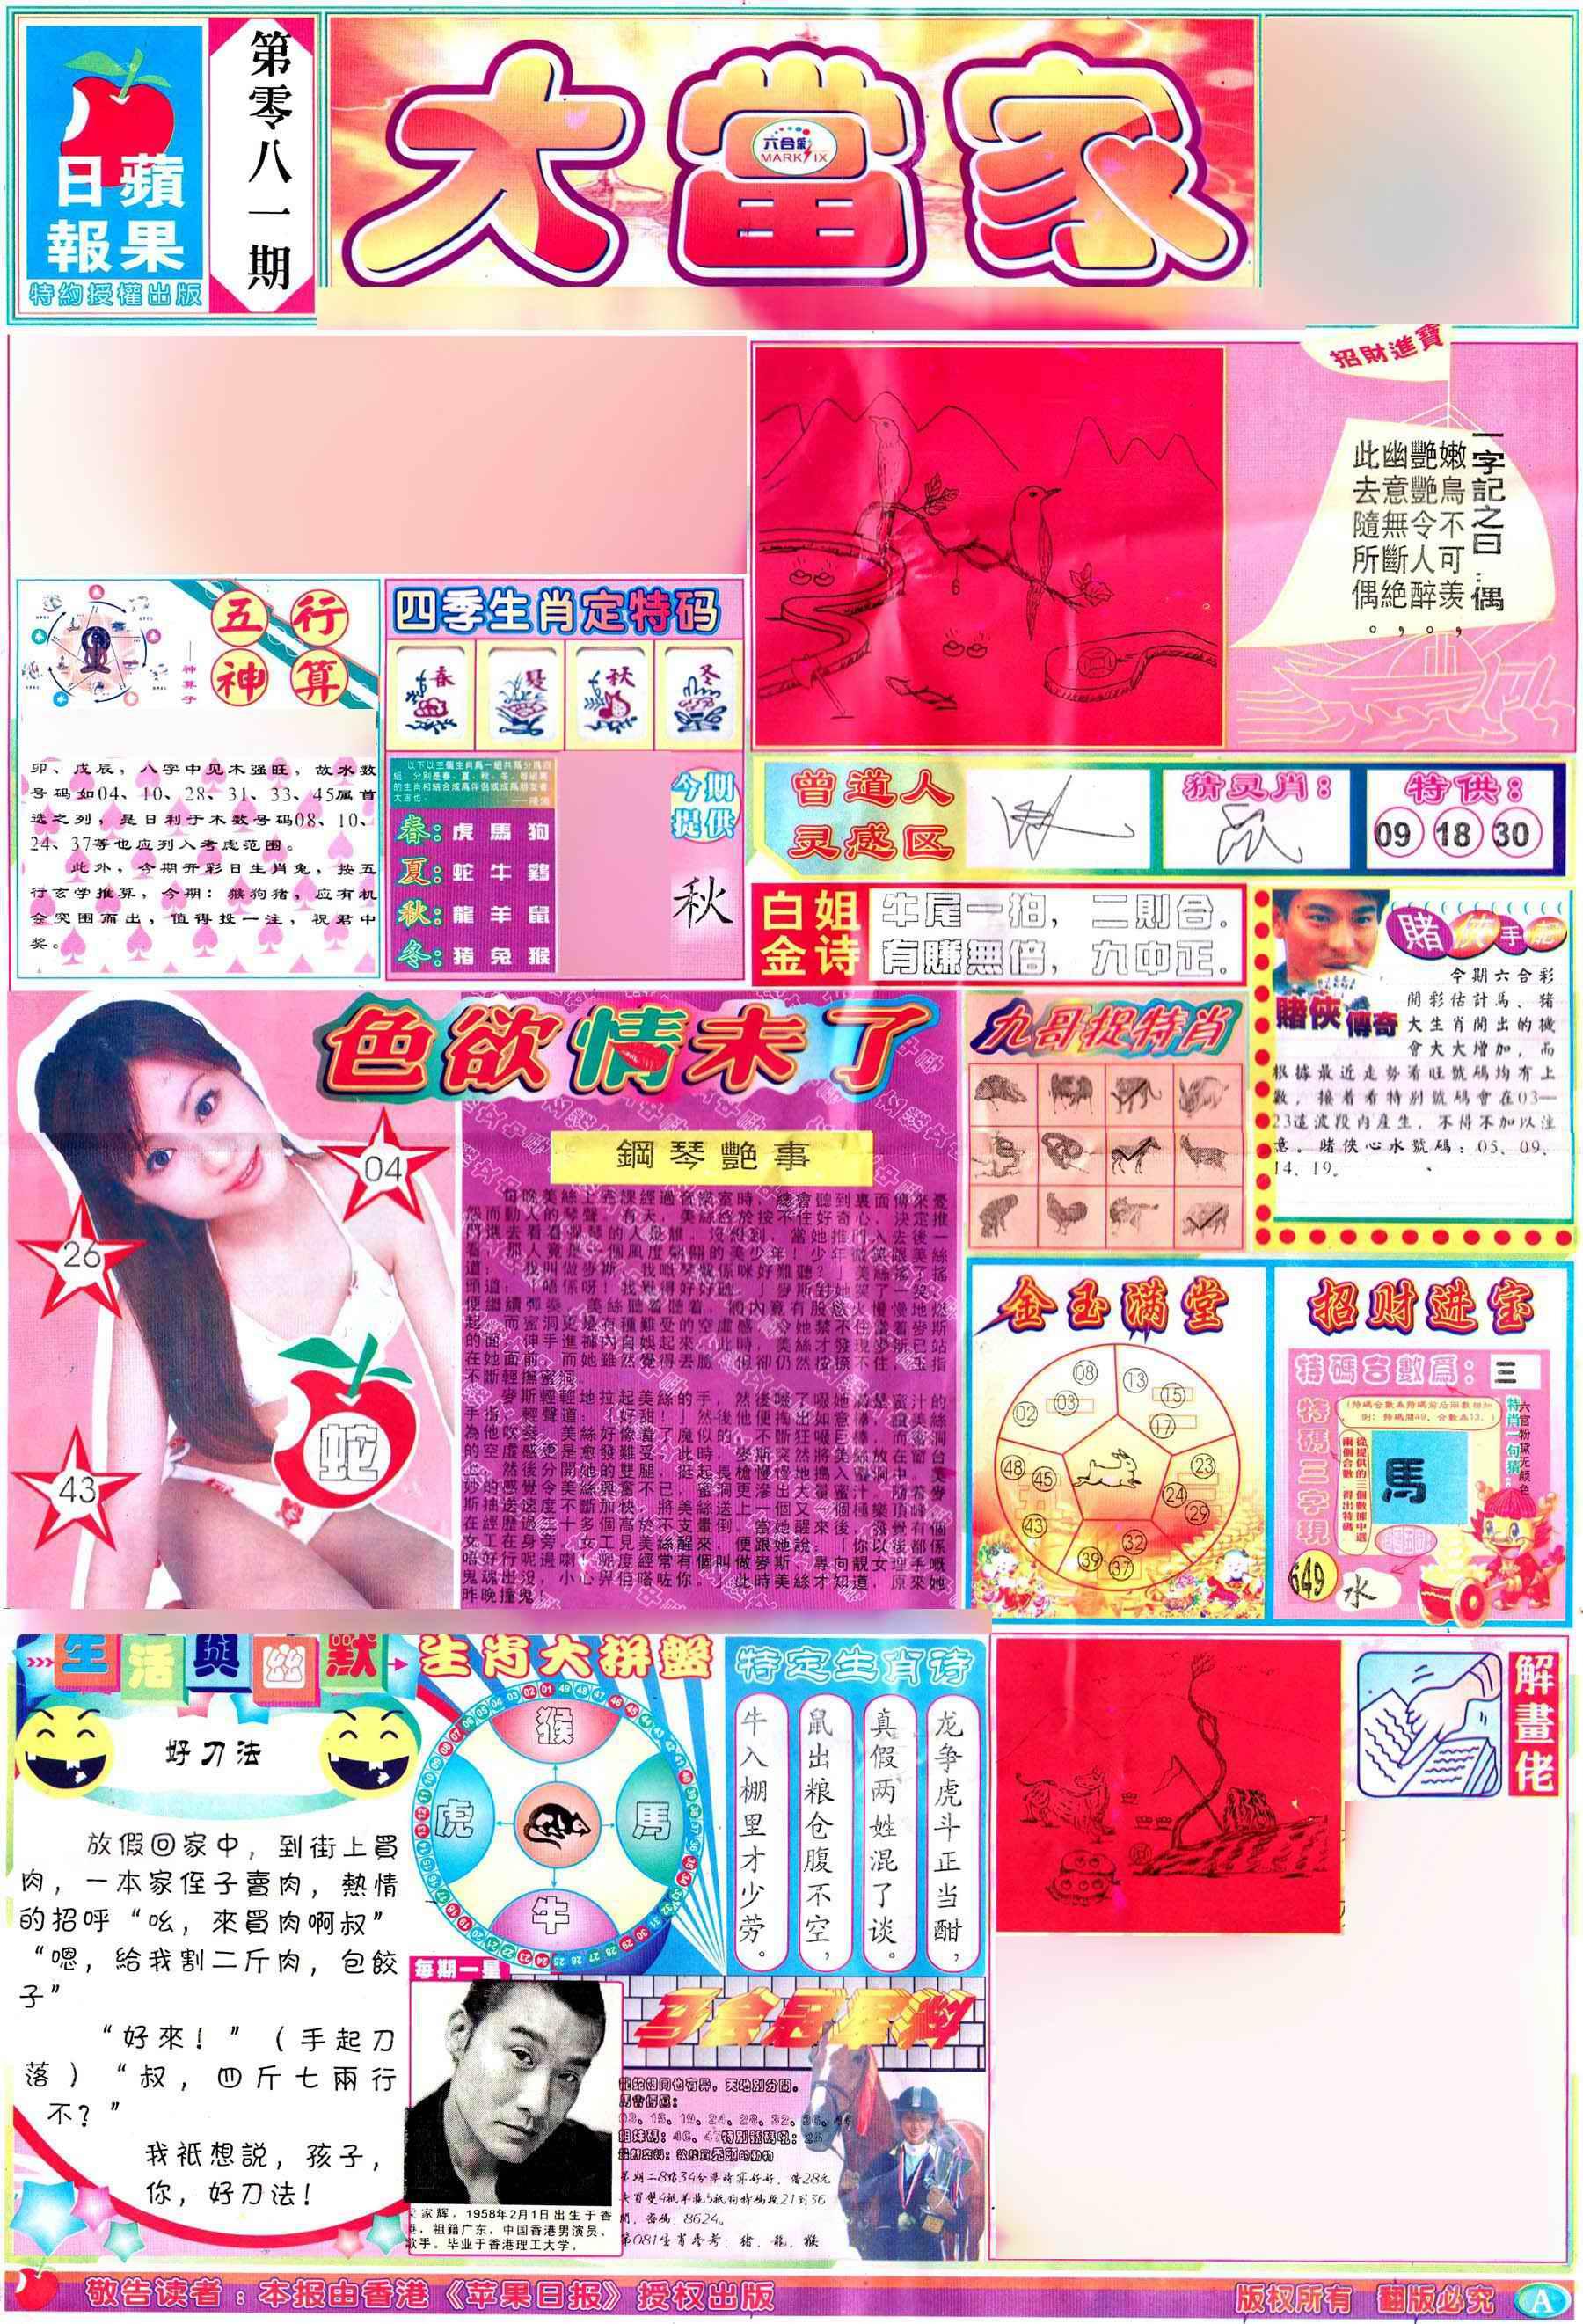 081期彩卷后庄A(保证香港版)